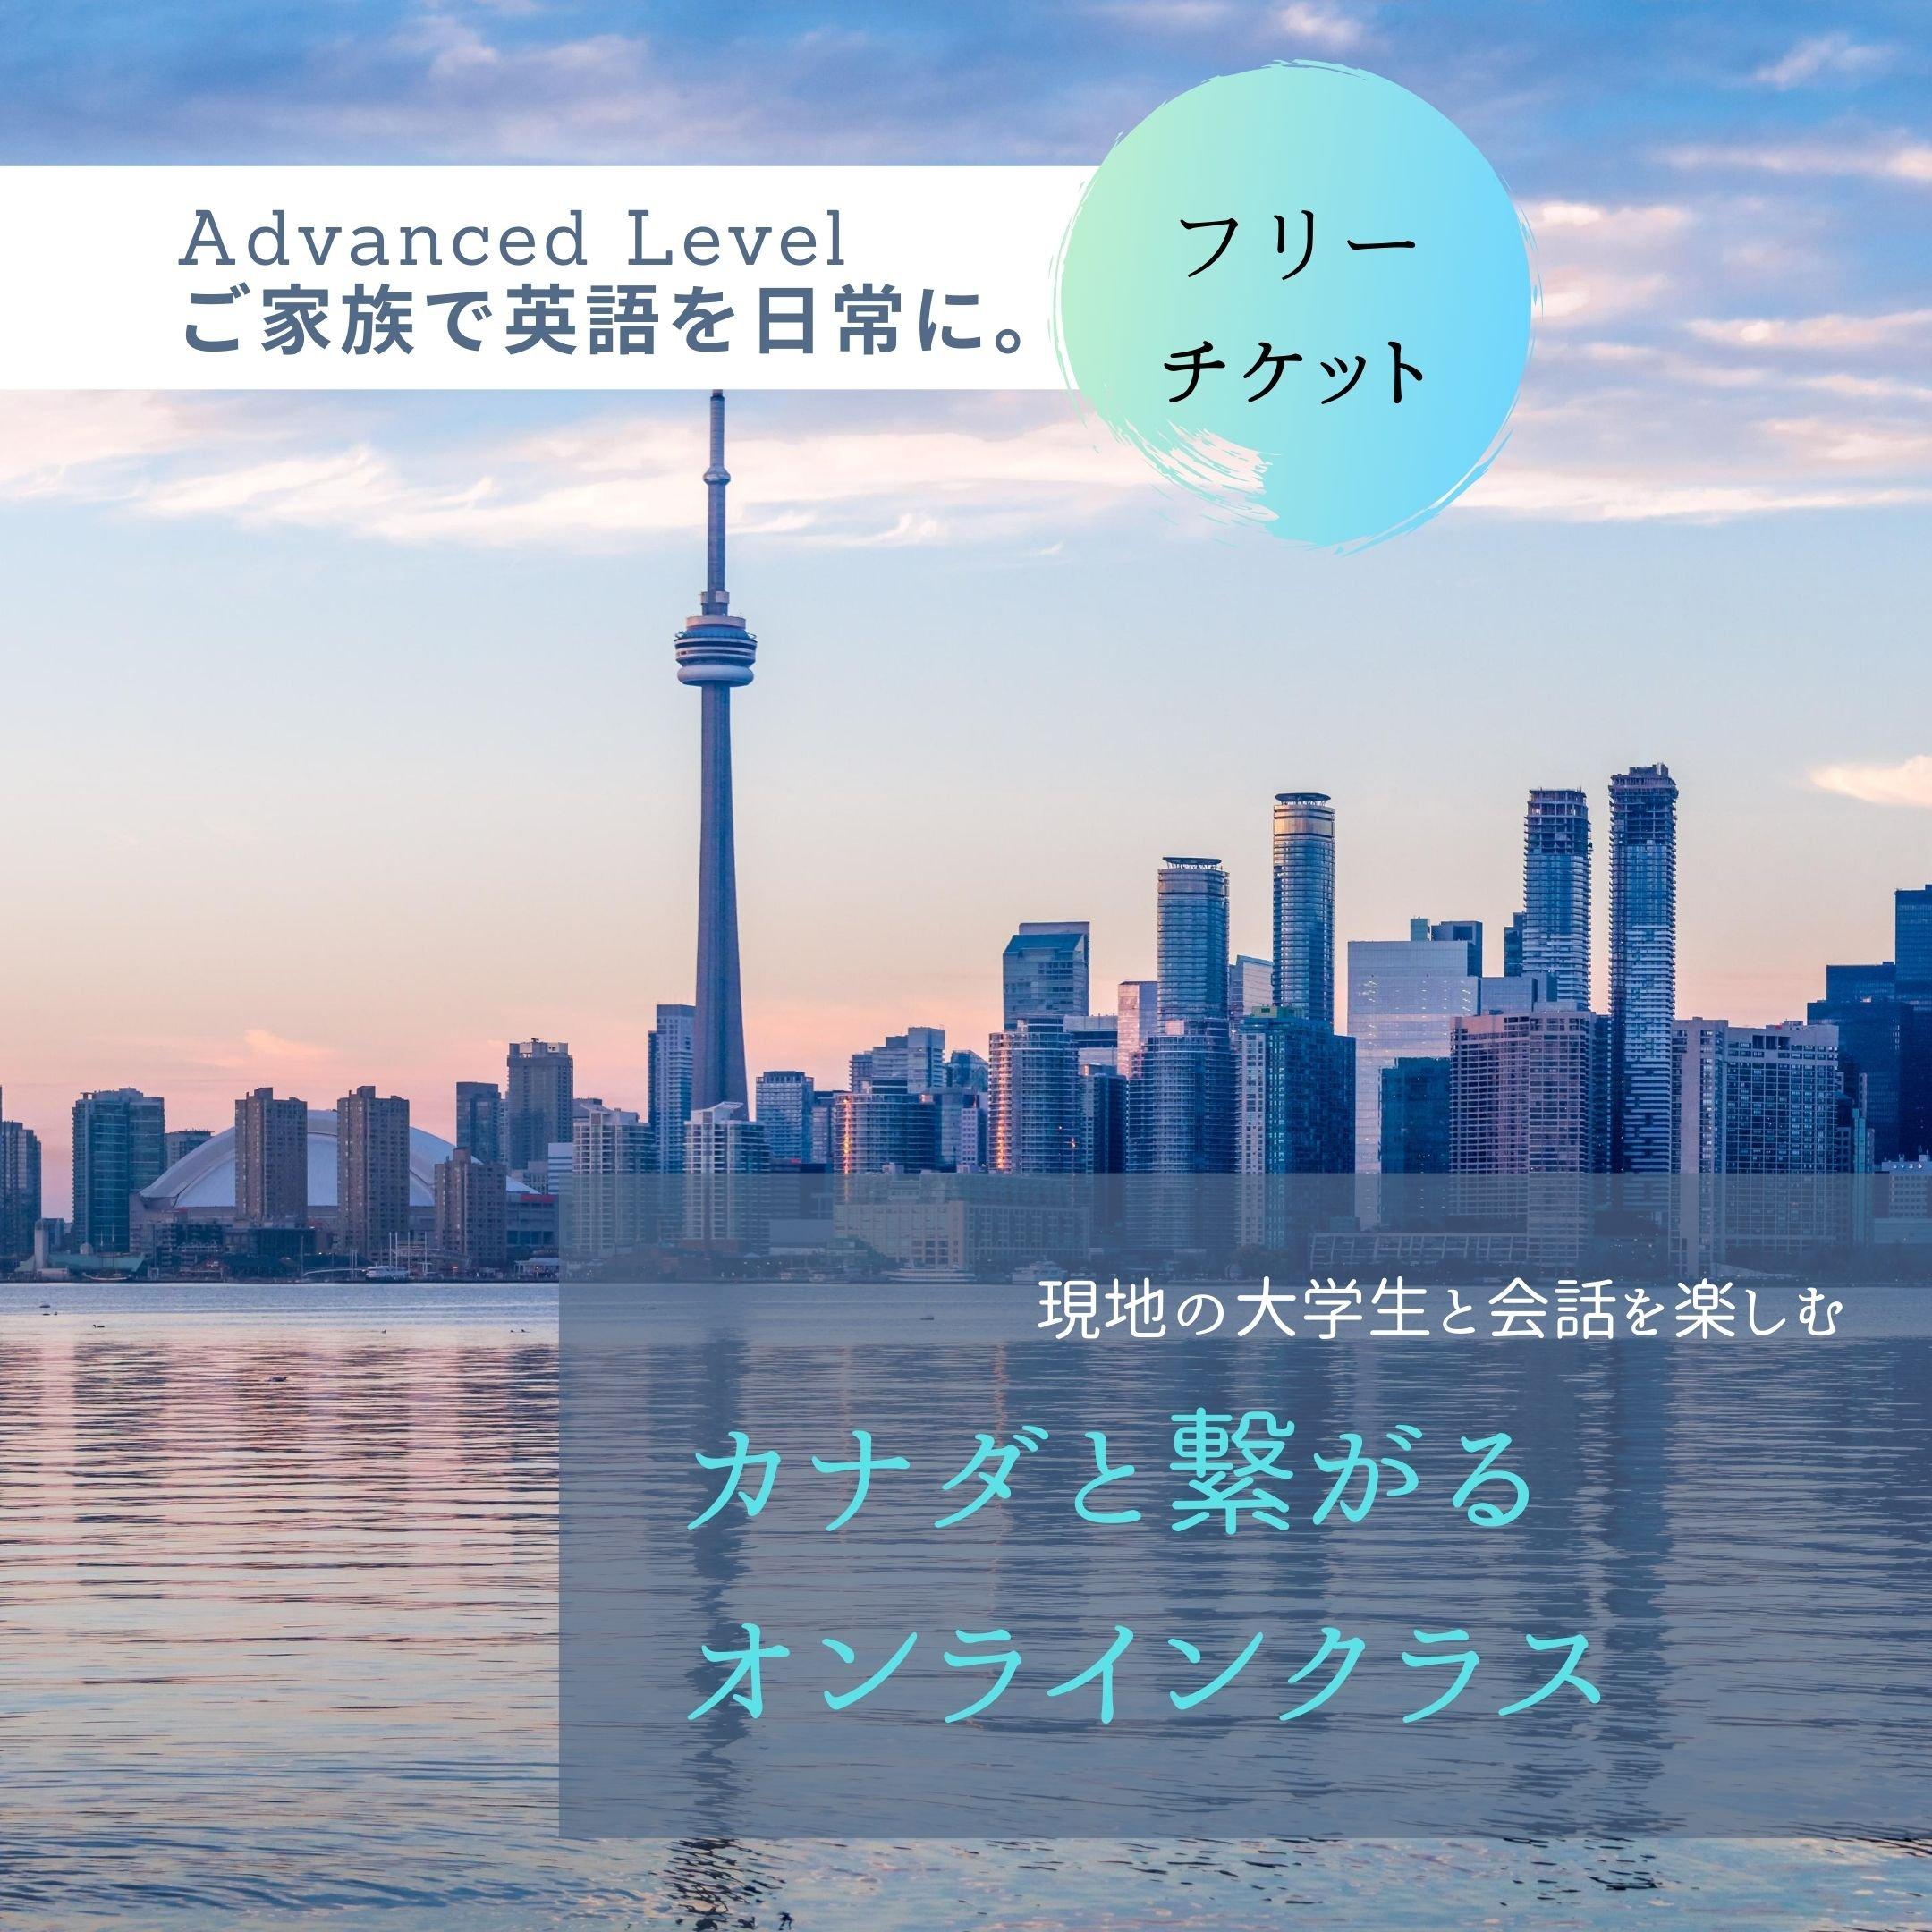 タイムセール限定価格【Advancedフリープラン】カナダと繋がる英会話(毎週土曜11時開催!)のイメージその1